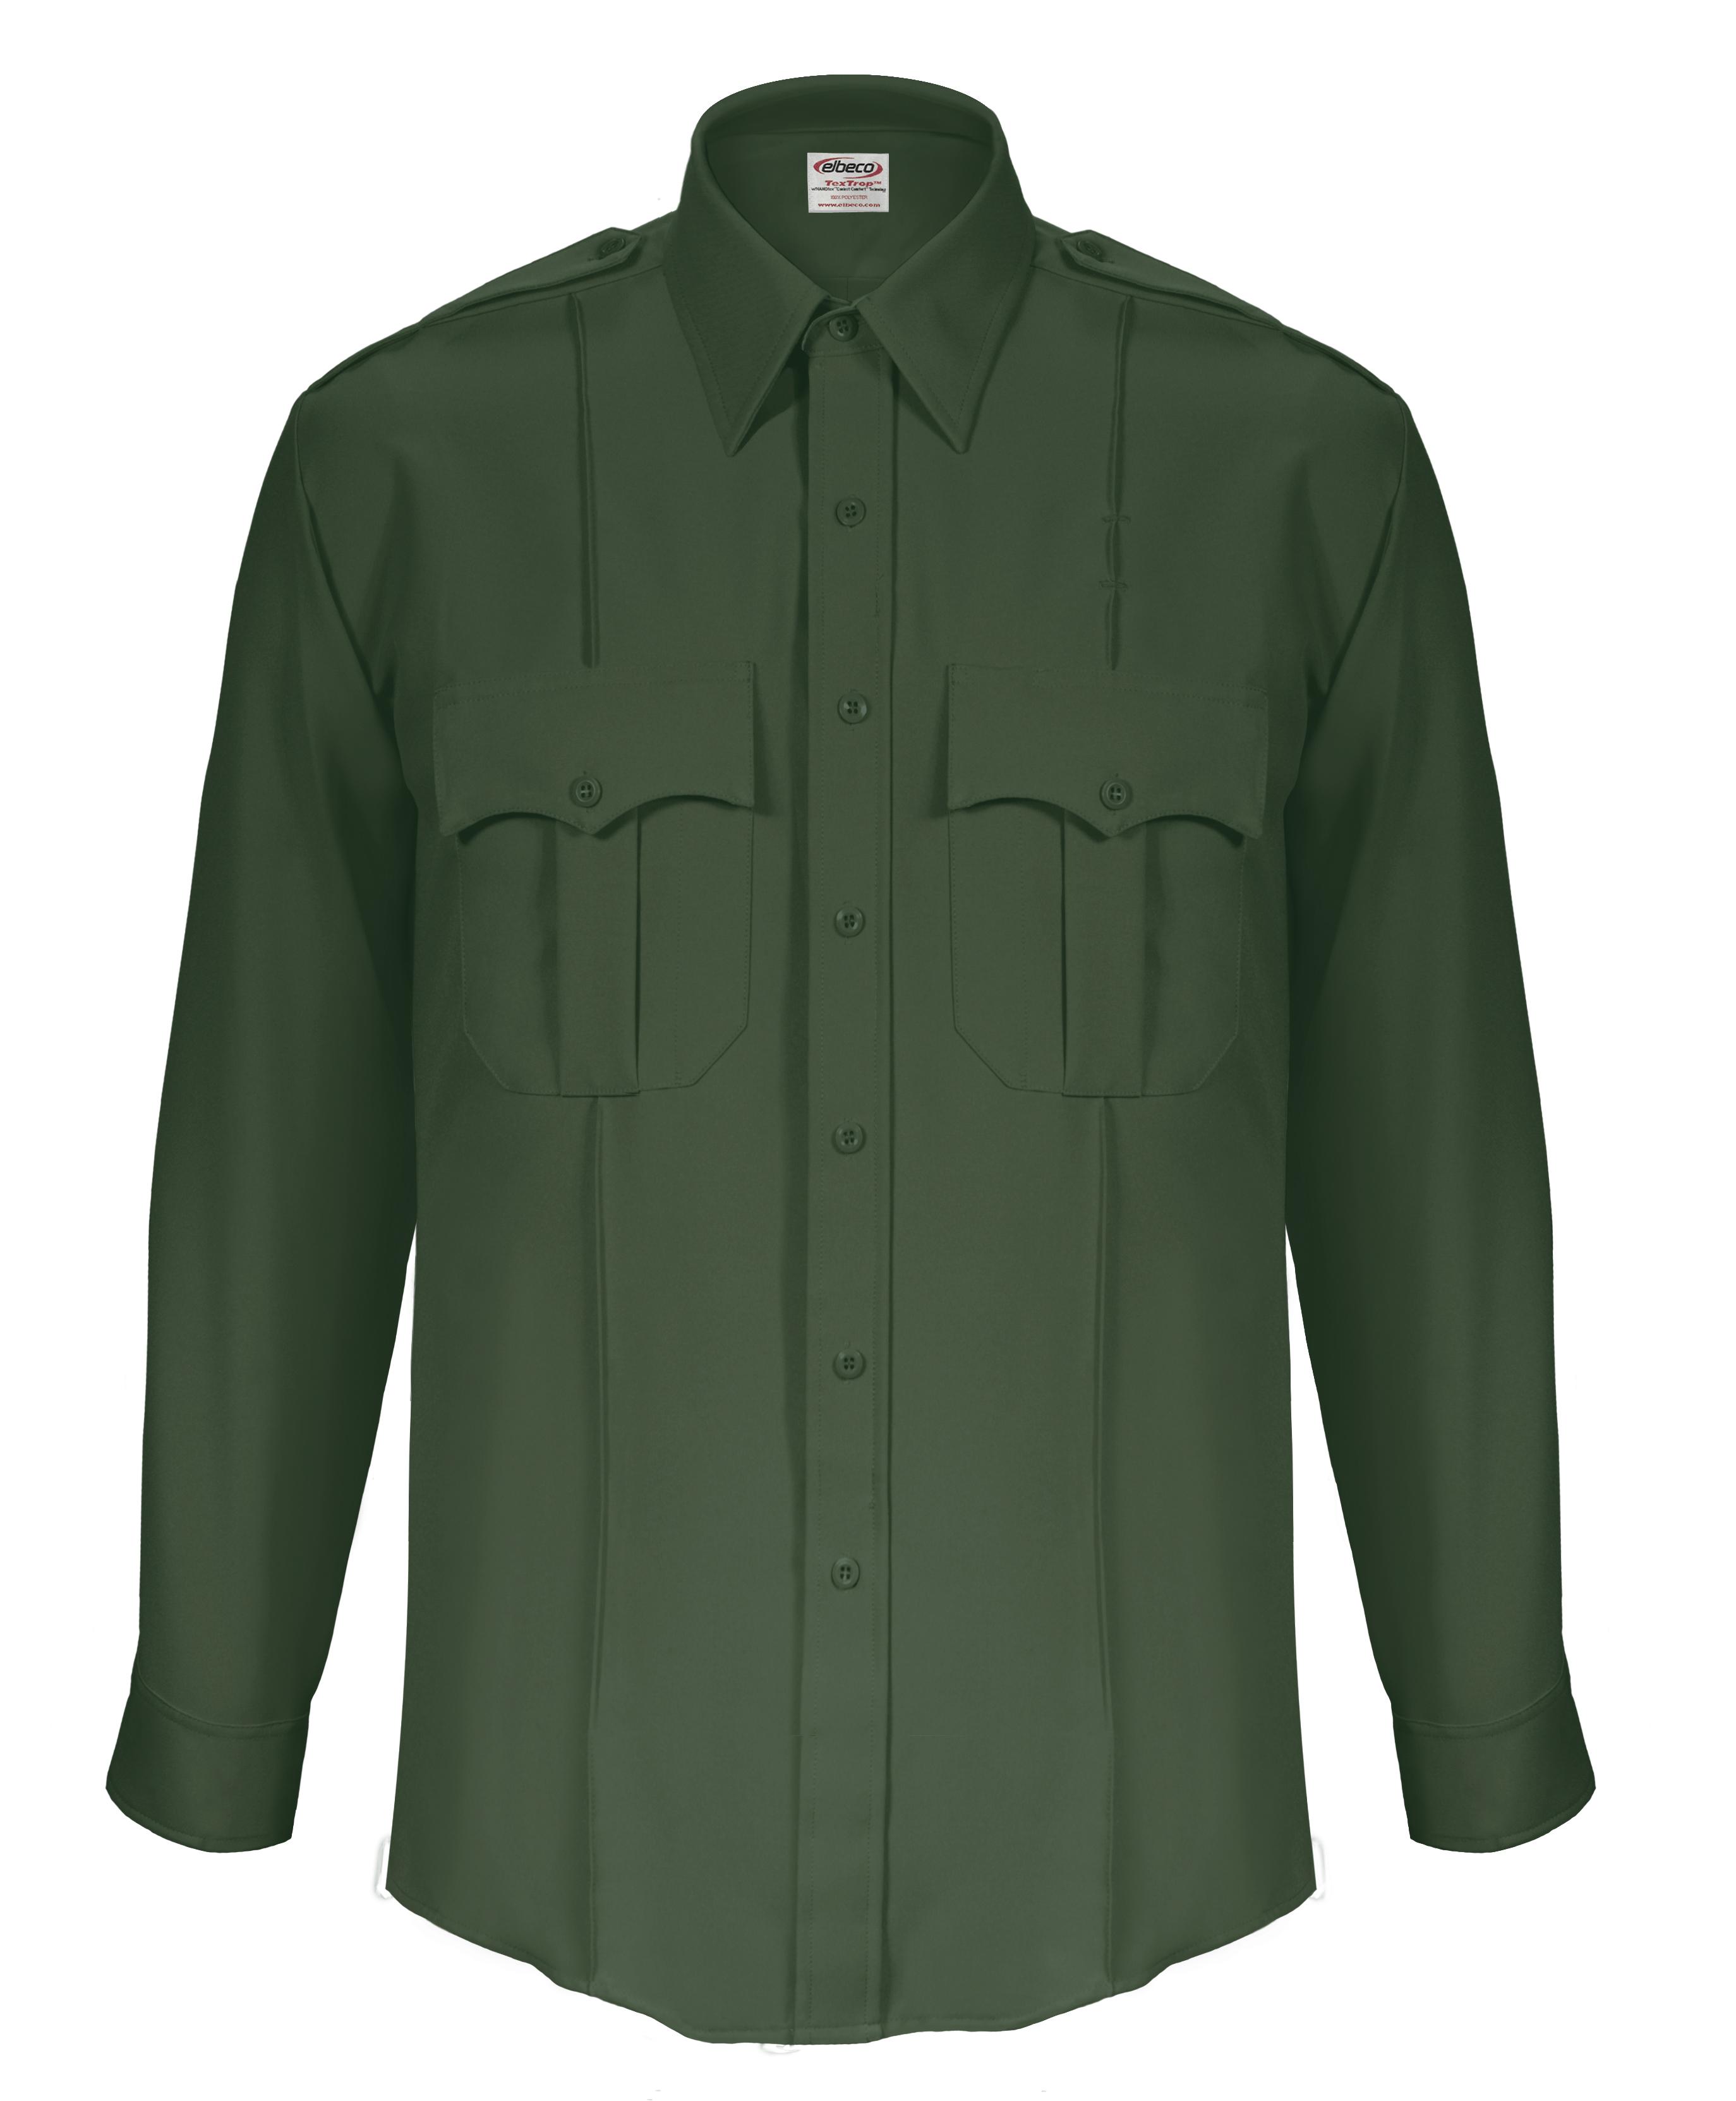 70e41585e355 Buy TexTrop2 Long Sleeve Shirt with Hidden Zipper-Mens - Elbeco ...